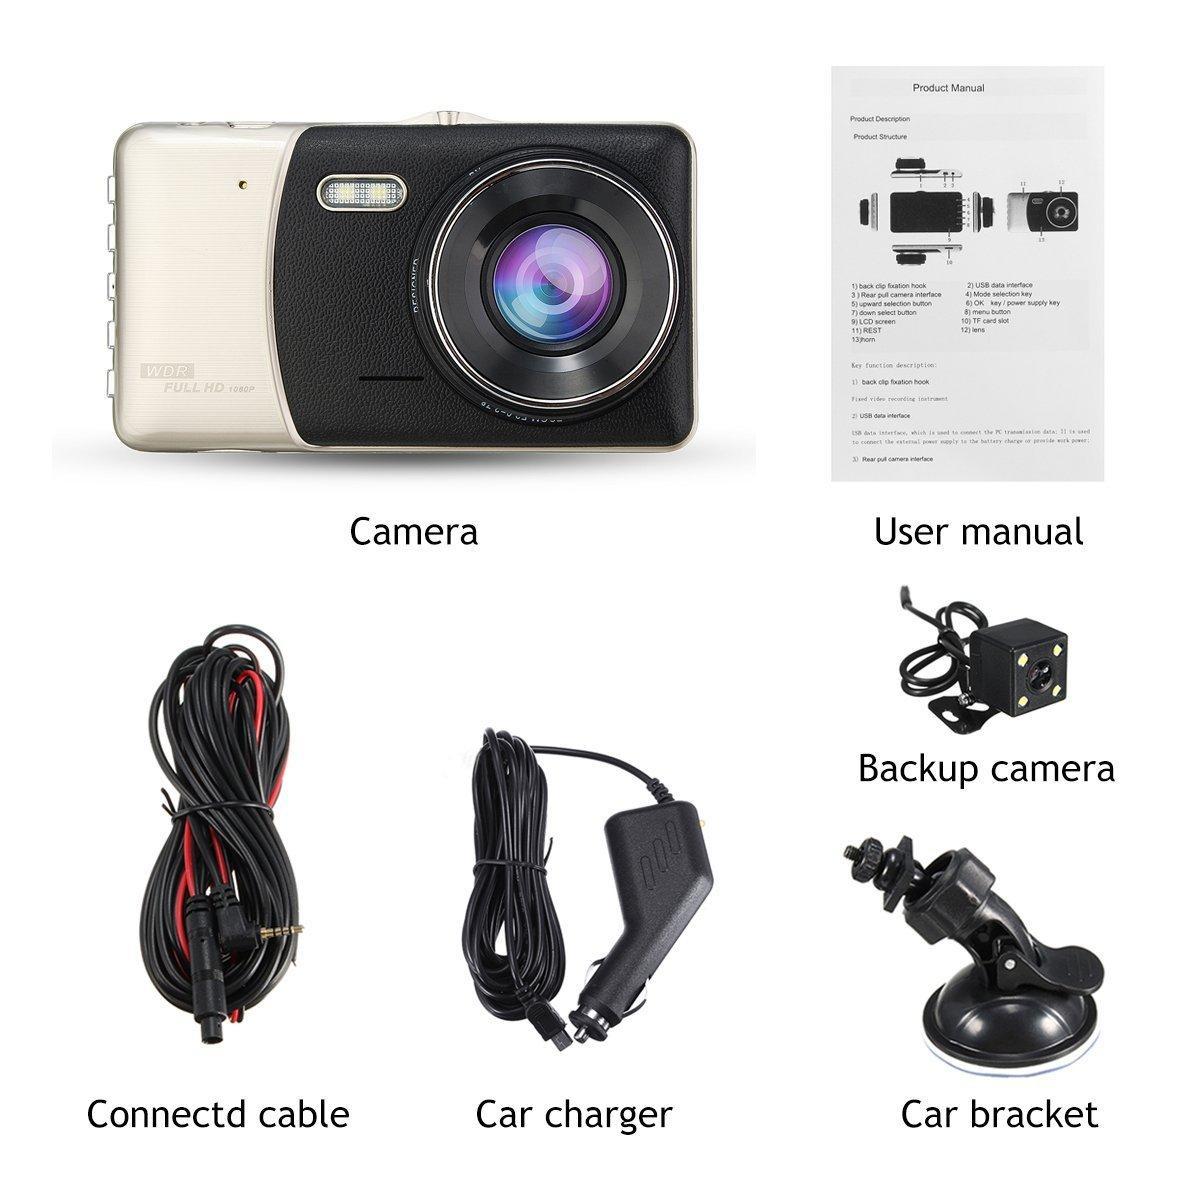 [TẶNG THẺ NHỚ 32GB] Camera Hành Trình Ô Tô X002 1080P Full HD, Màn Hình Góc Rộng, cảm Biến G, Phát Hiện Chuyển Động, Ghi Vòng Lặp (Cam trước) thumbnail